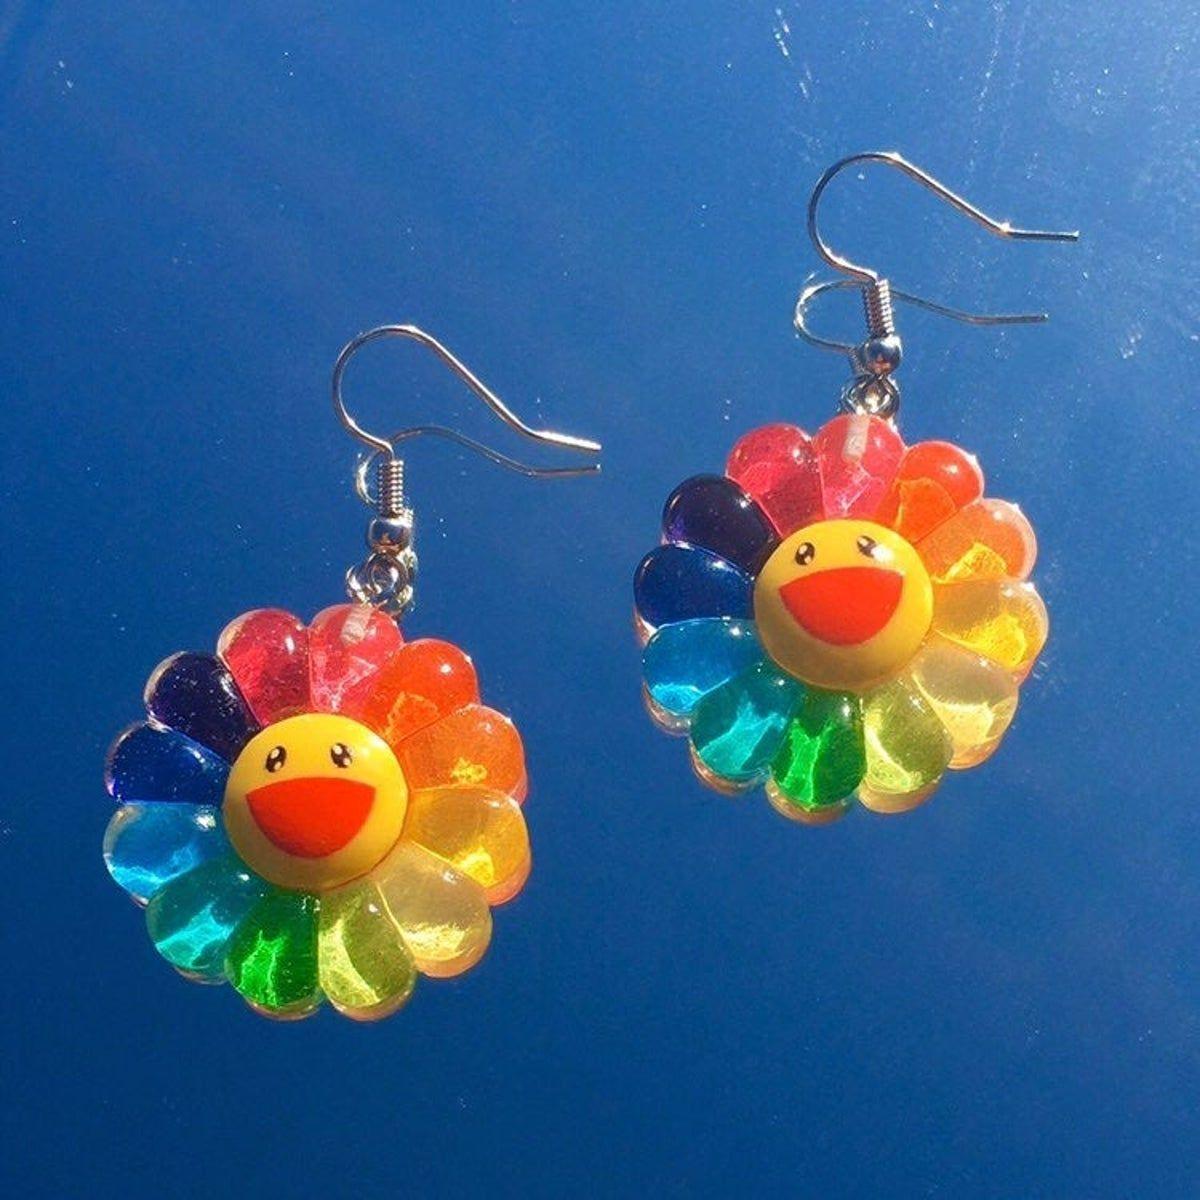 flower earrings on Mercari in 2020 Indie jewelry, Funky